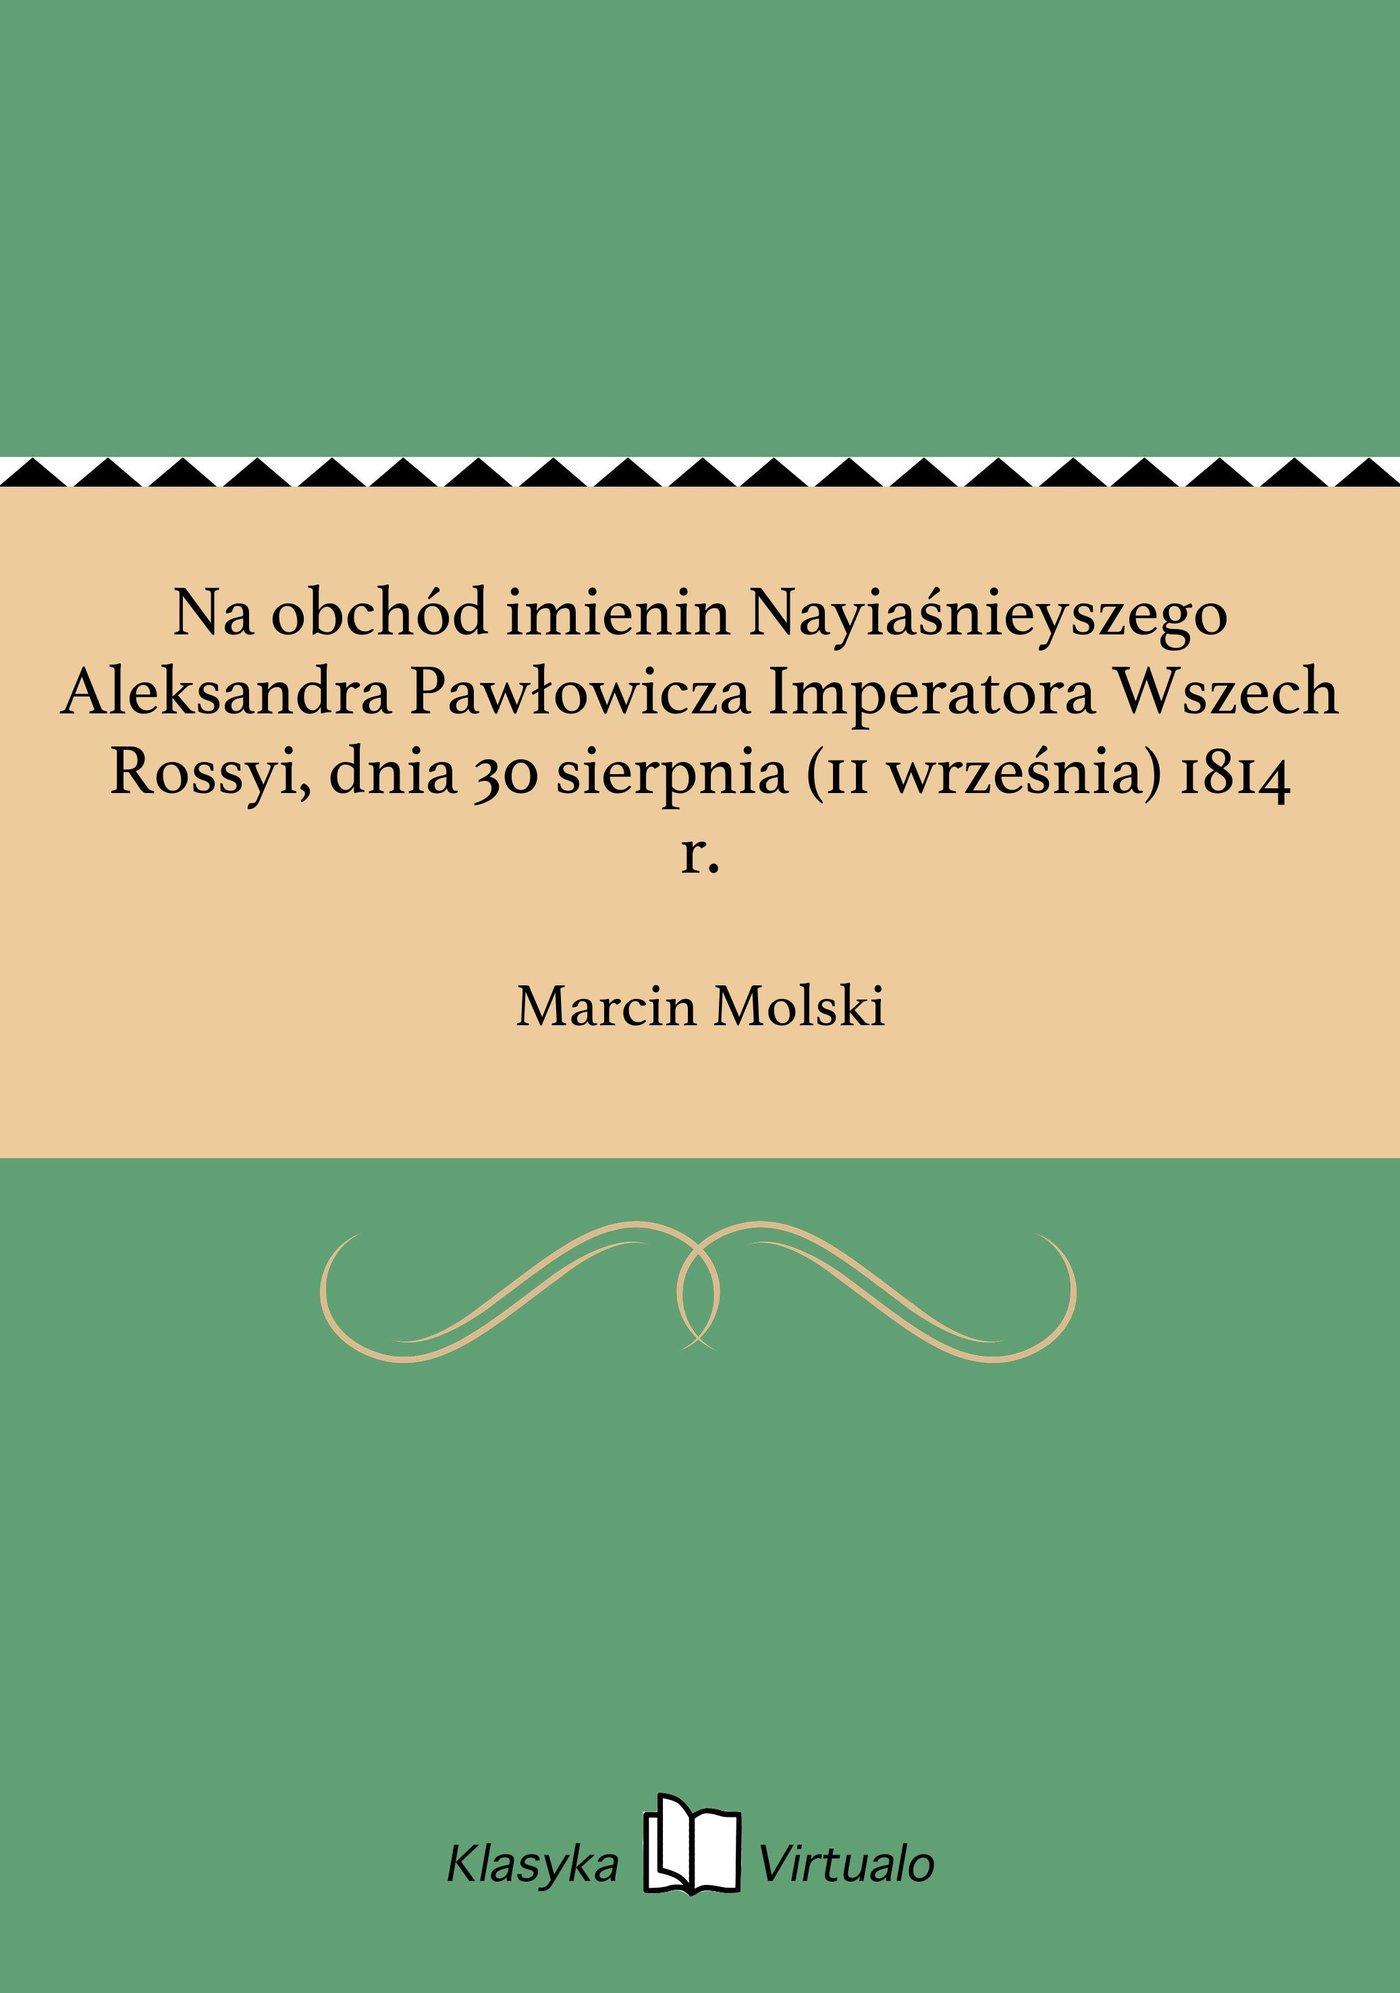 Na obchód imienin Nayiaśnieyszego Aleksandra Pawłowicza Imperatora Wszech Rossyi, dnia 30 sierpnia (11 września) 1814 r. - Ebook (Książka EPUB) do pobrania w formacie EPUB